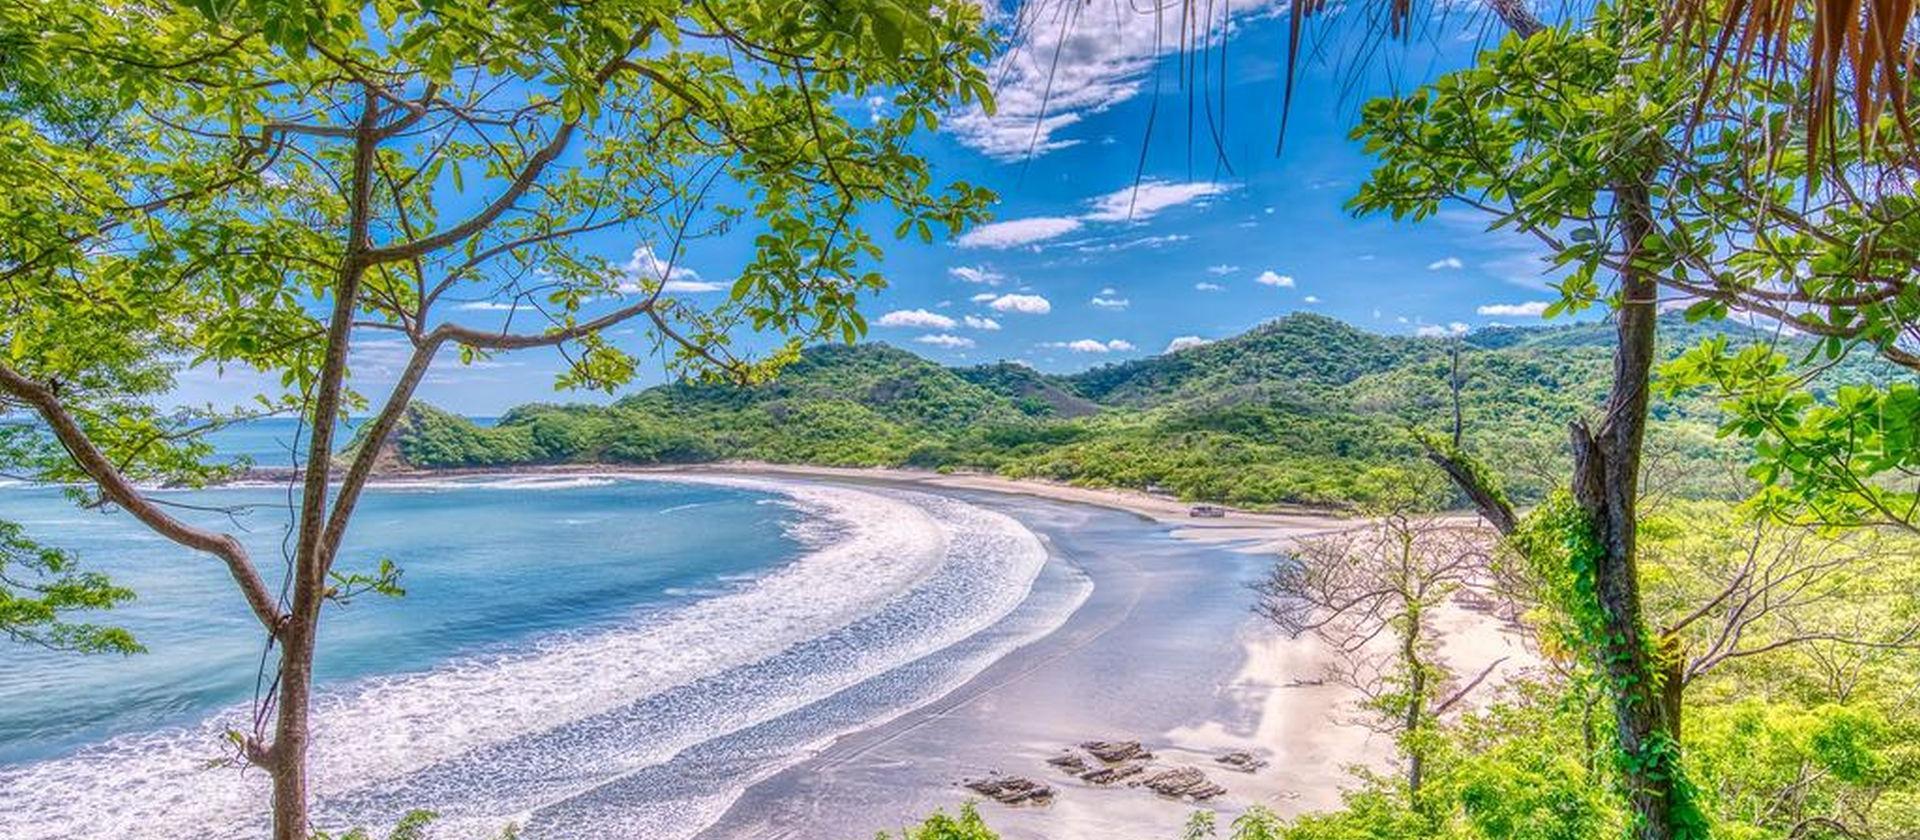 Nicaragua-i utazások